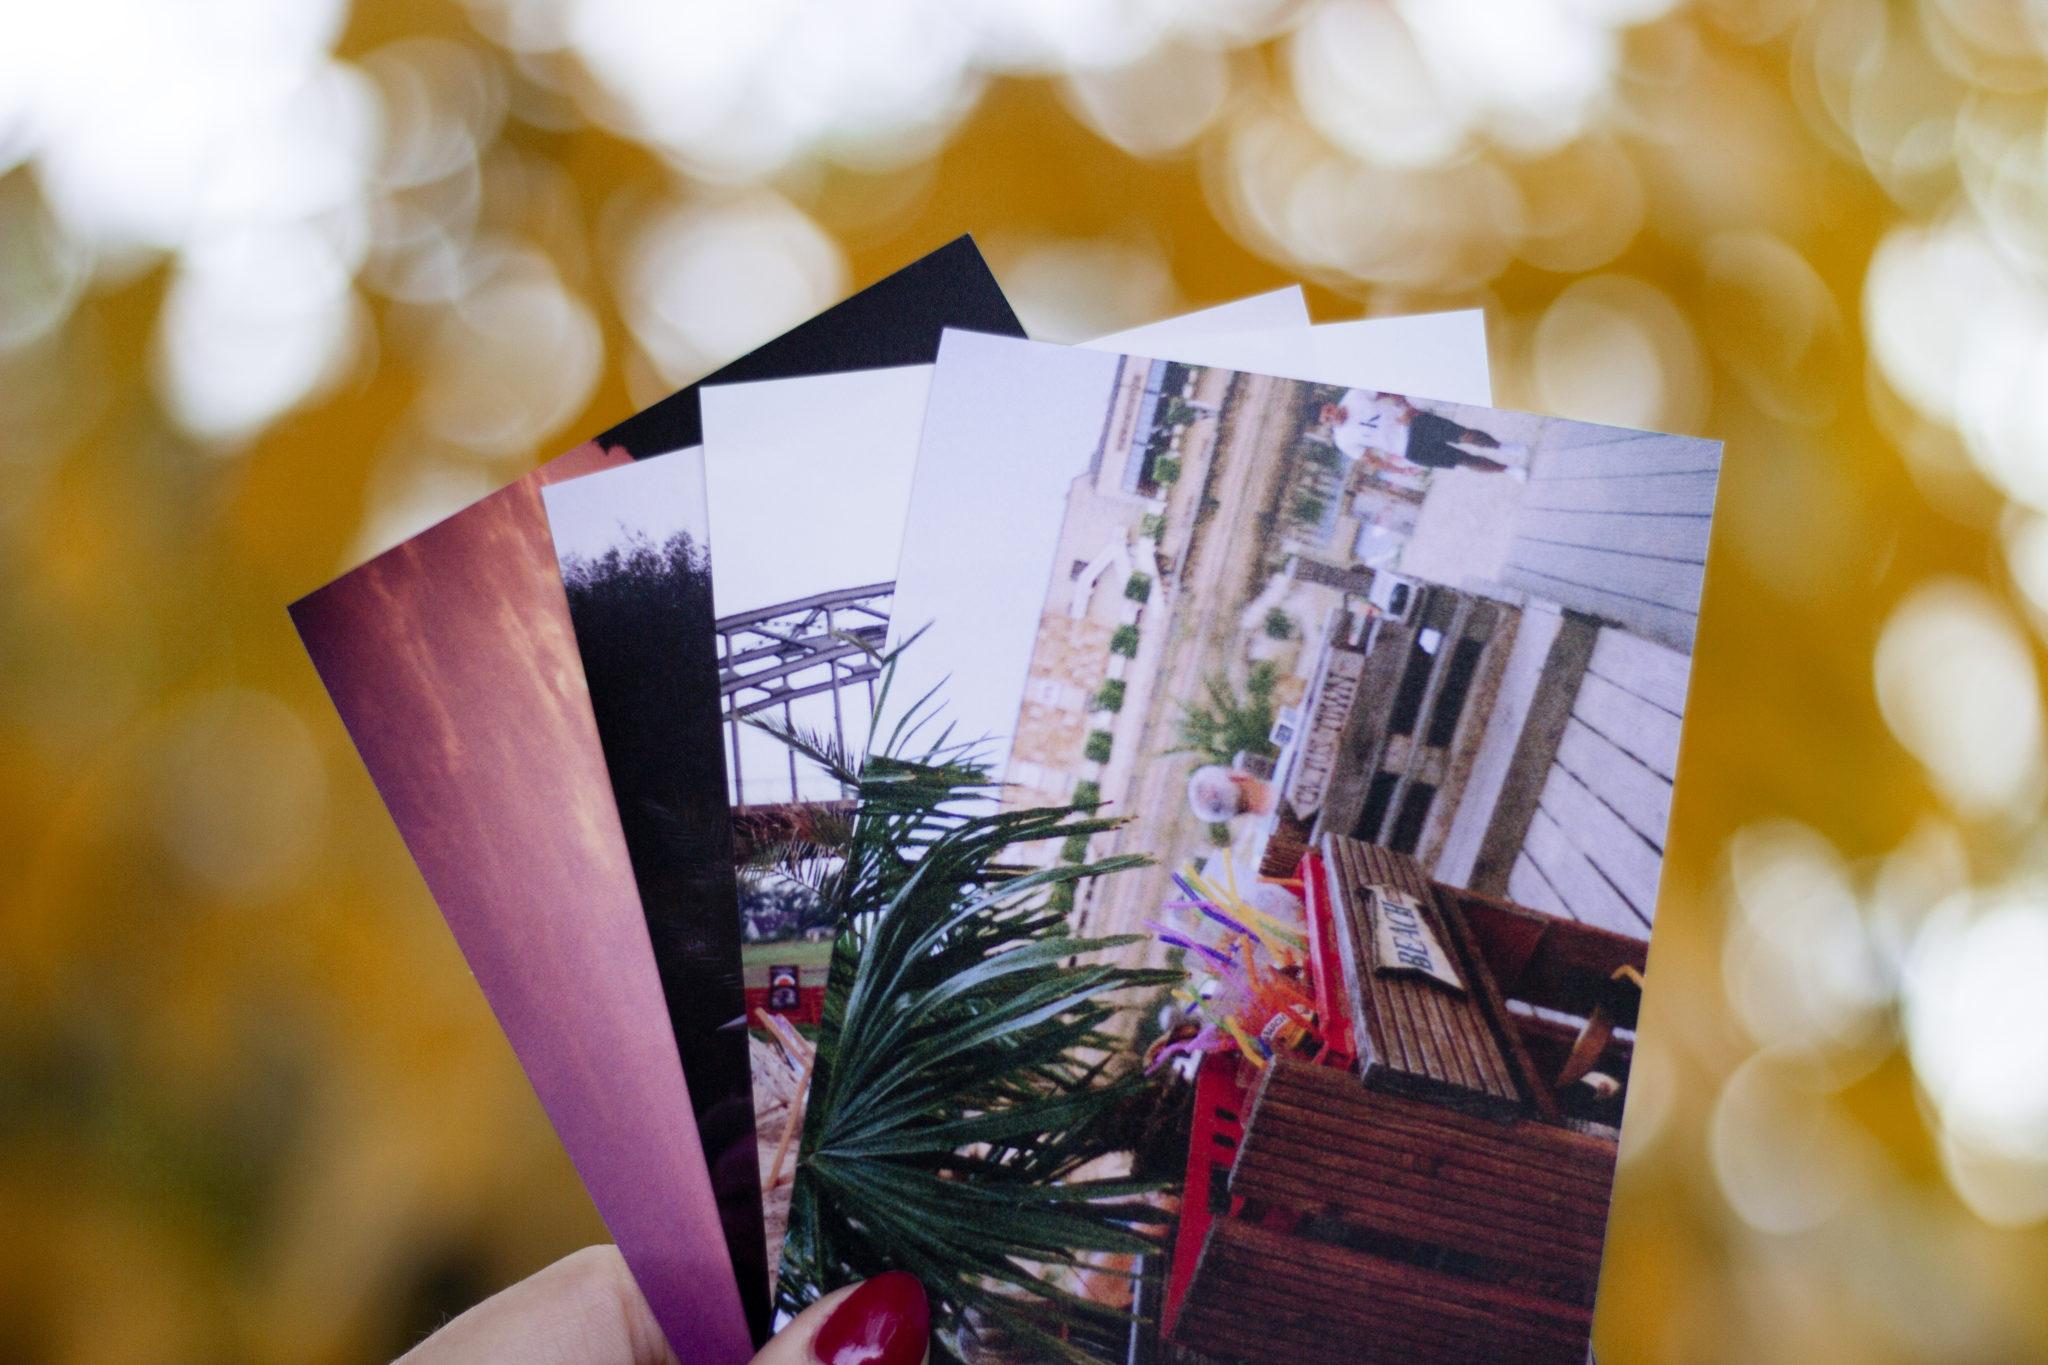 Bilder richtig ausdrucken im Fotofachgeschäft 9x13cm